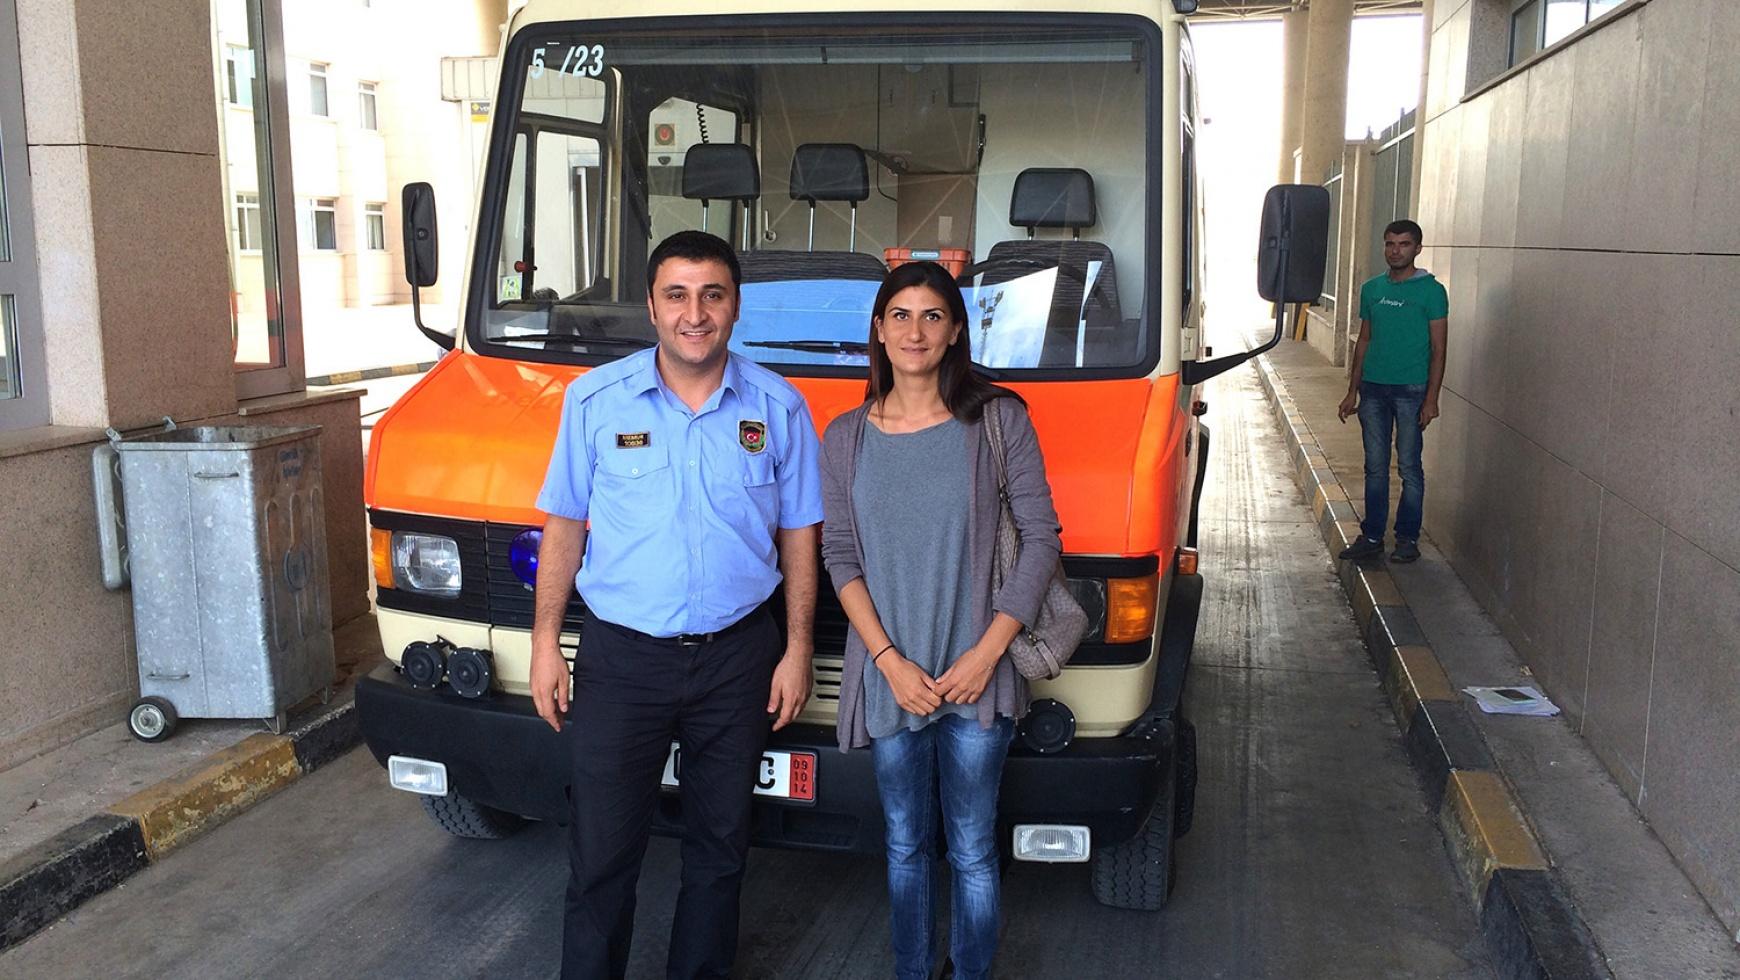 kids to life übergibt Krankenwagen an Feldlazarett in Syrien